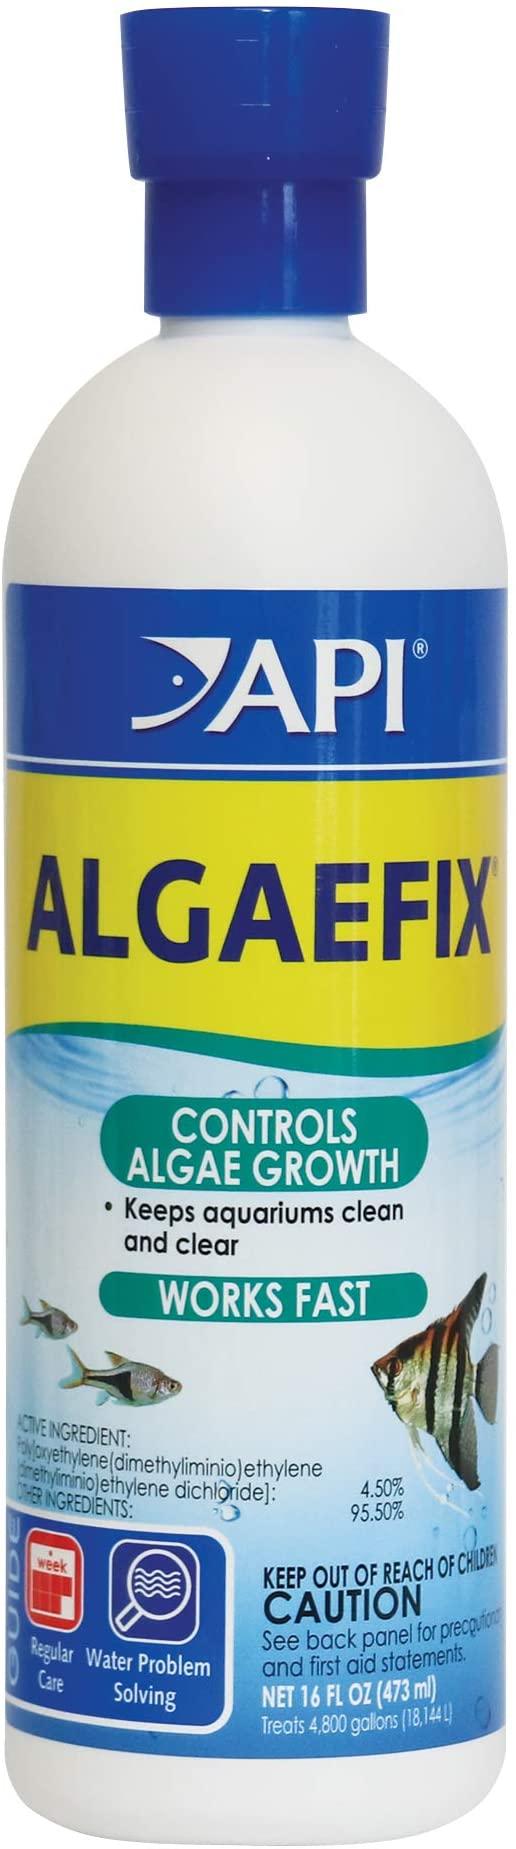 API 87E product image 8